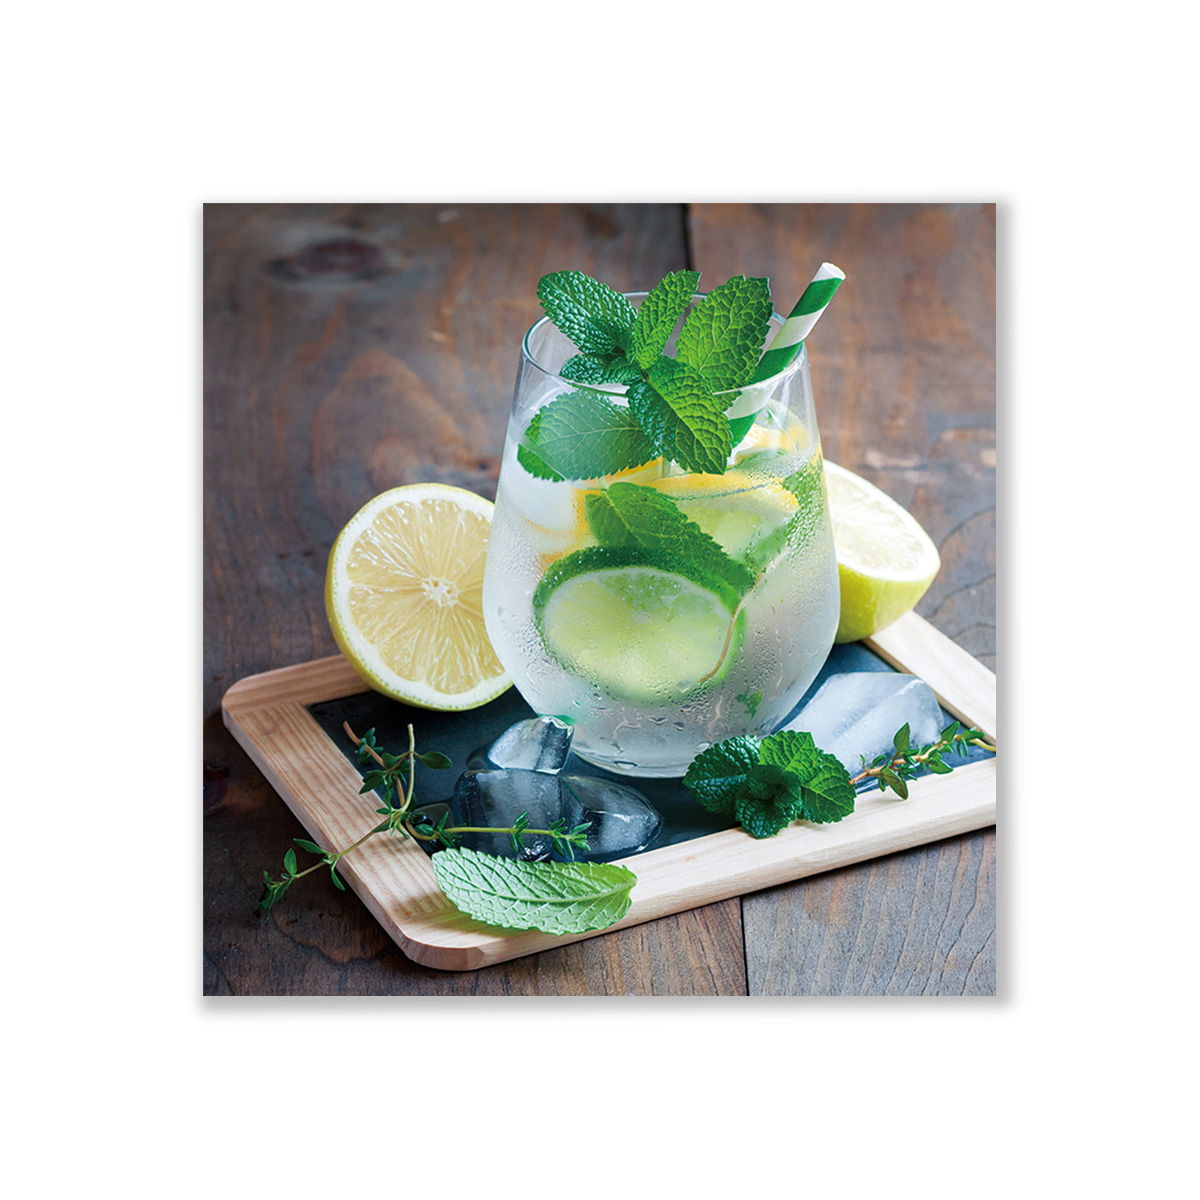 ImageLand Glasbild Digitaldruck Cocktail mit Zitronen, 60 x 60 cm 752091